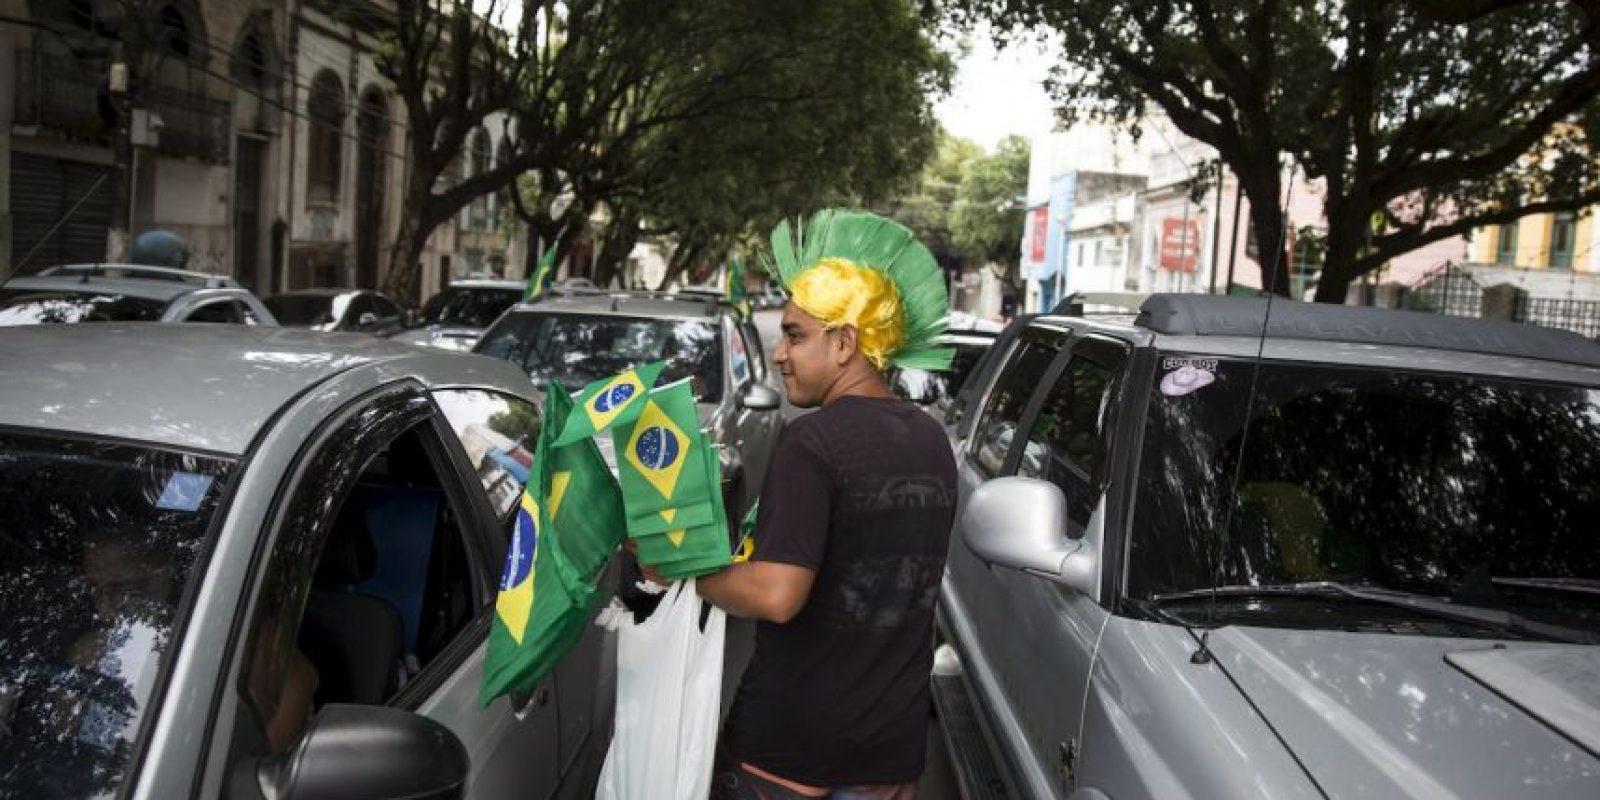 8 Con 0.755 puntos, Brasil llega a la posición 75 a nivel mundial Foto:Getty Images